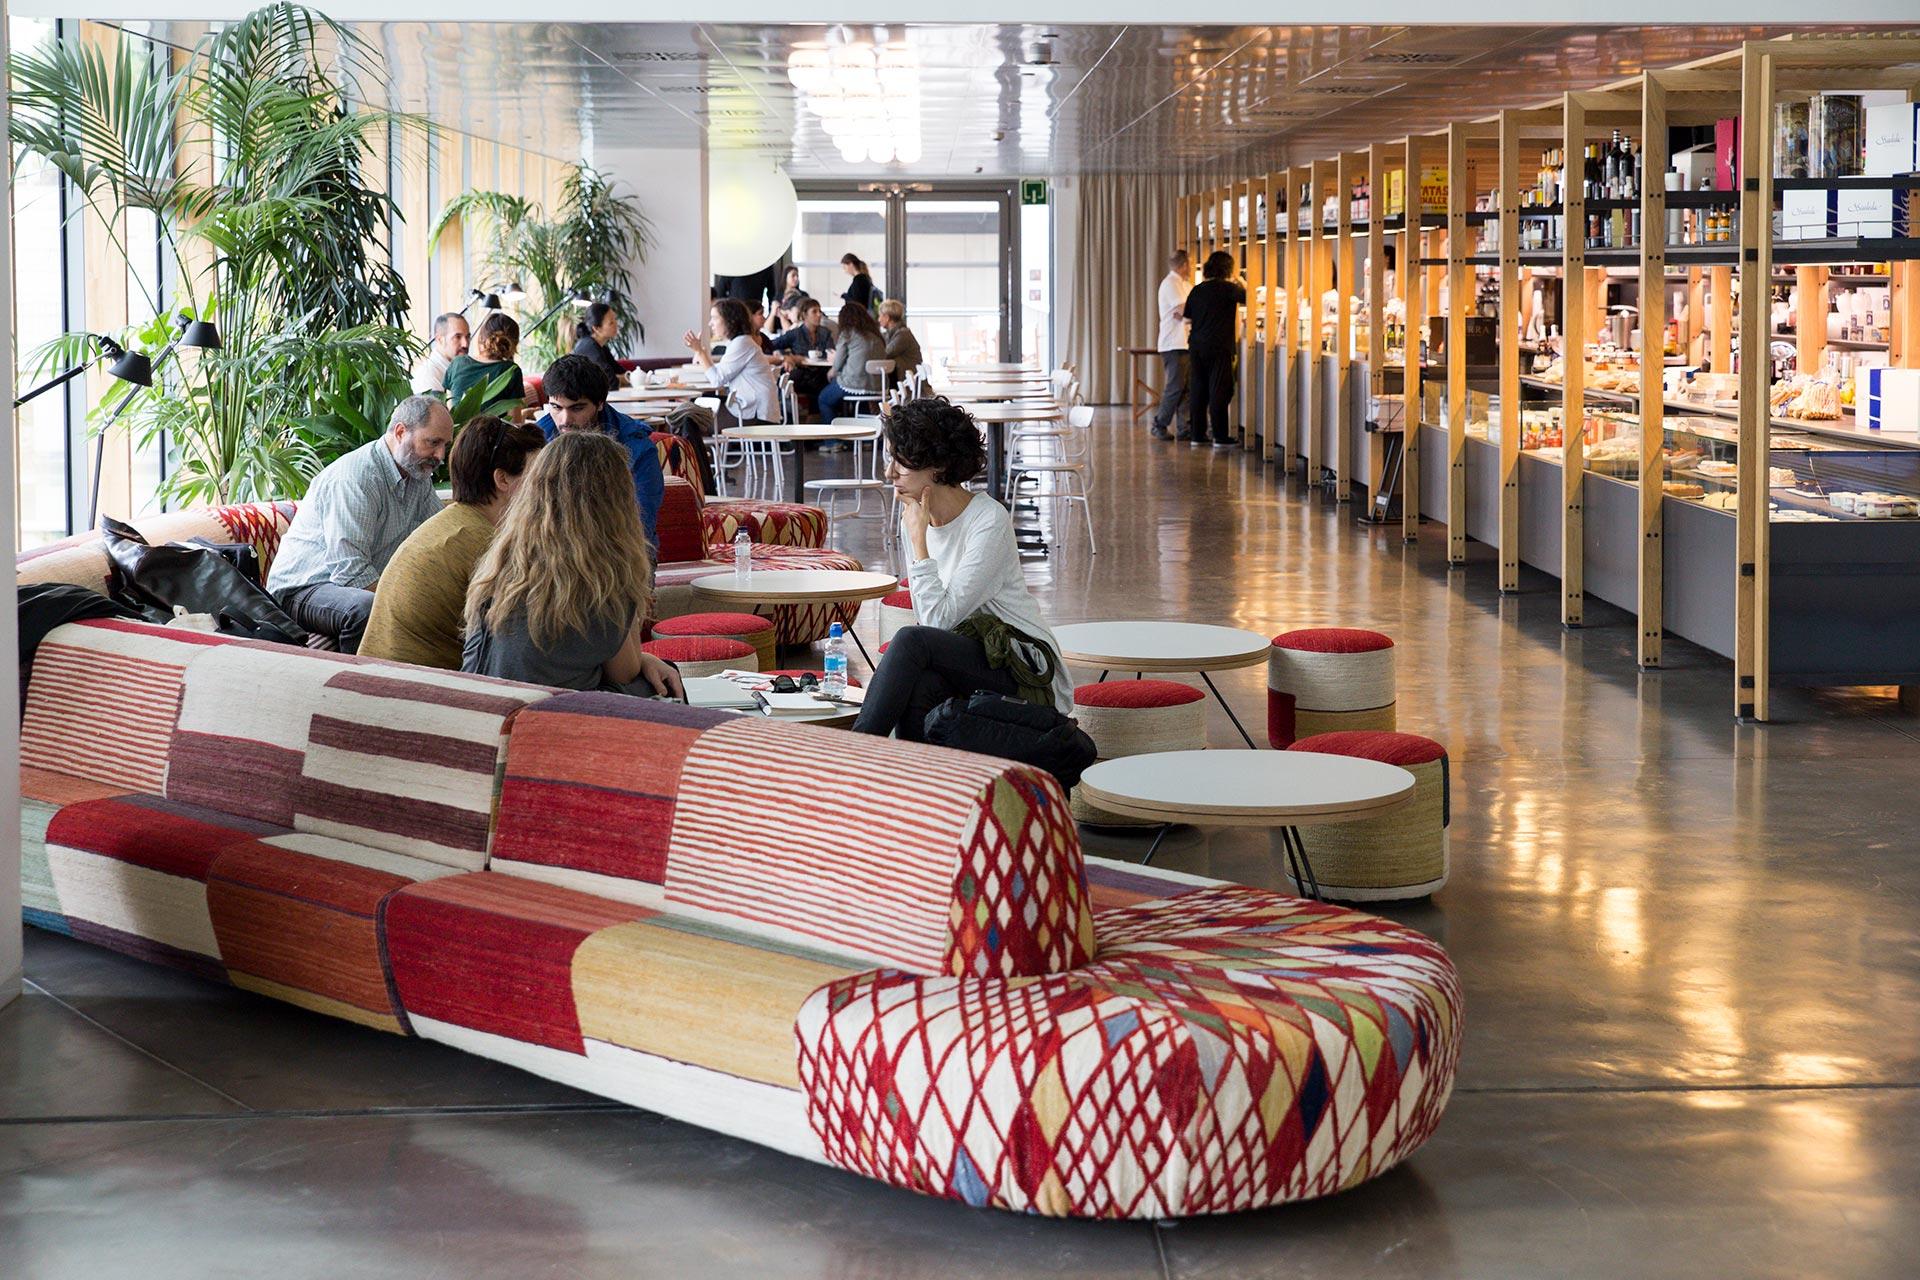 Design-museon kahvila © Tuulia Kolehmainen